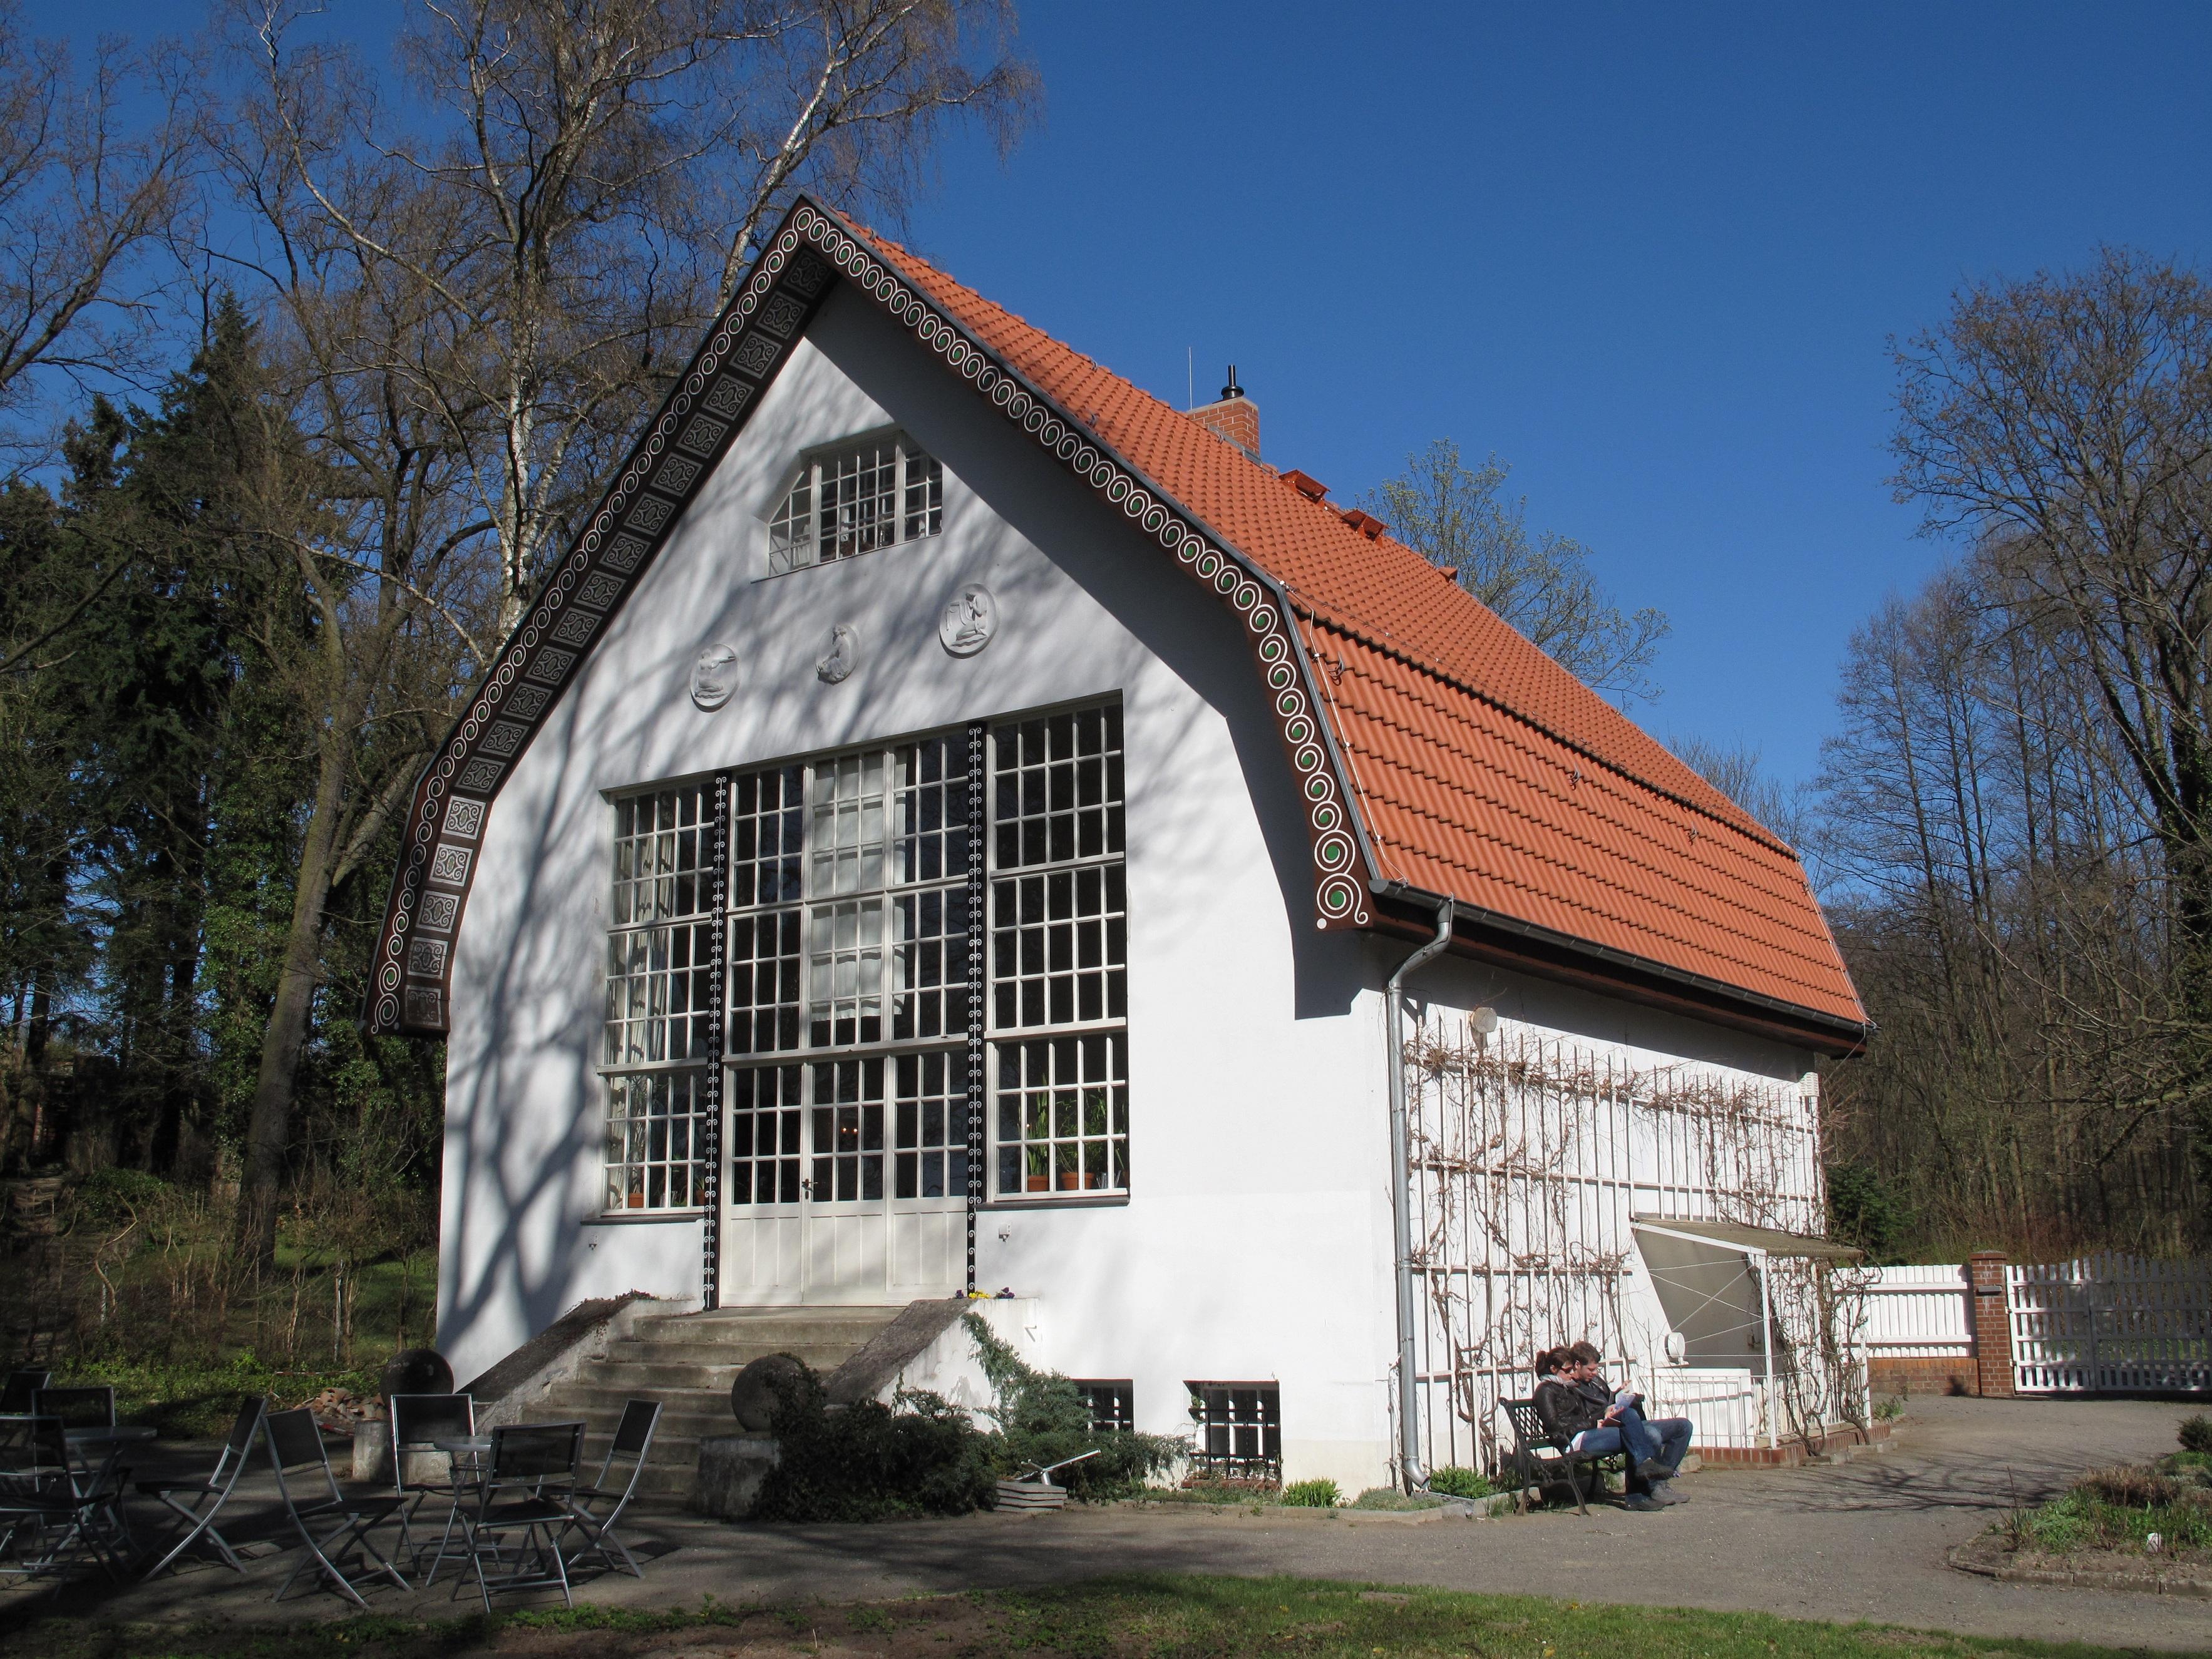 File:Brecht-Weigel-Haus Buckow 02.jpg